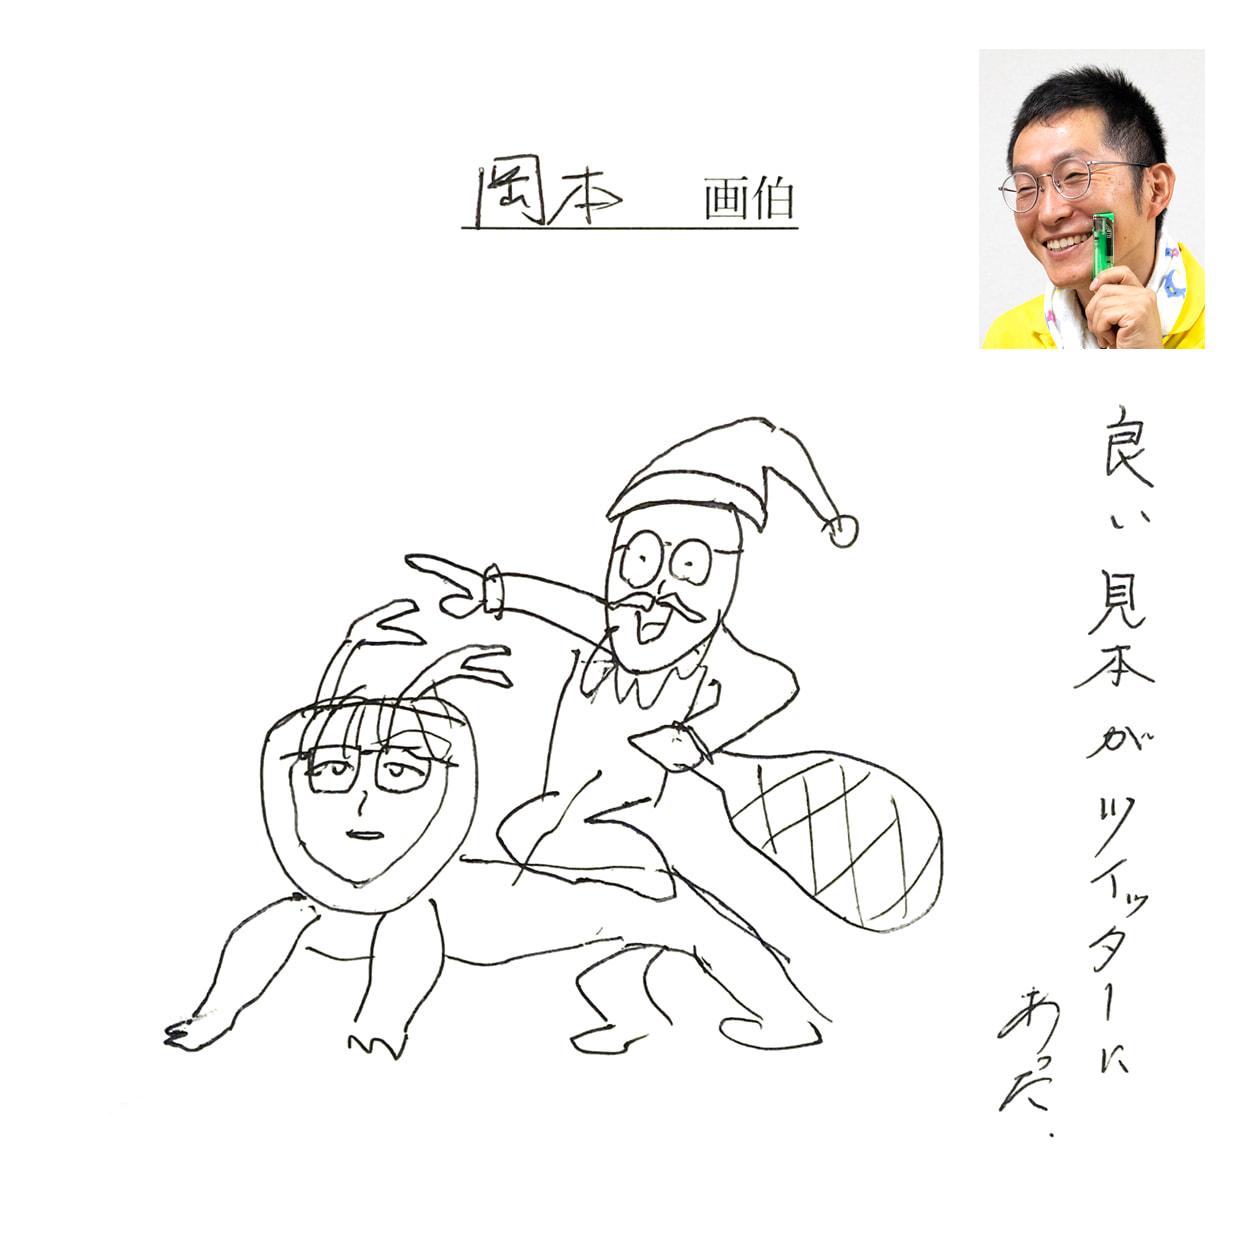 岡本が描いたイラスト